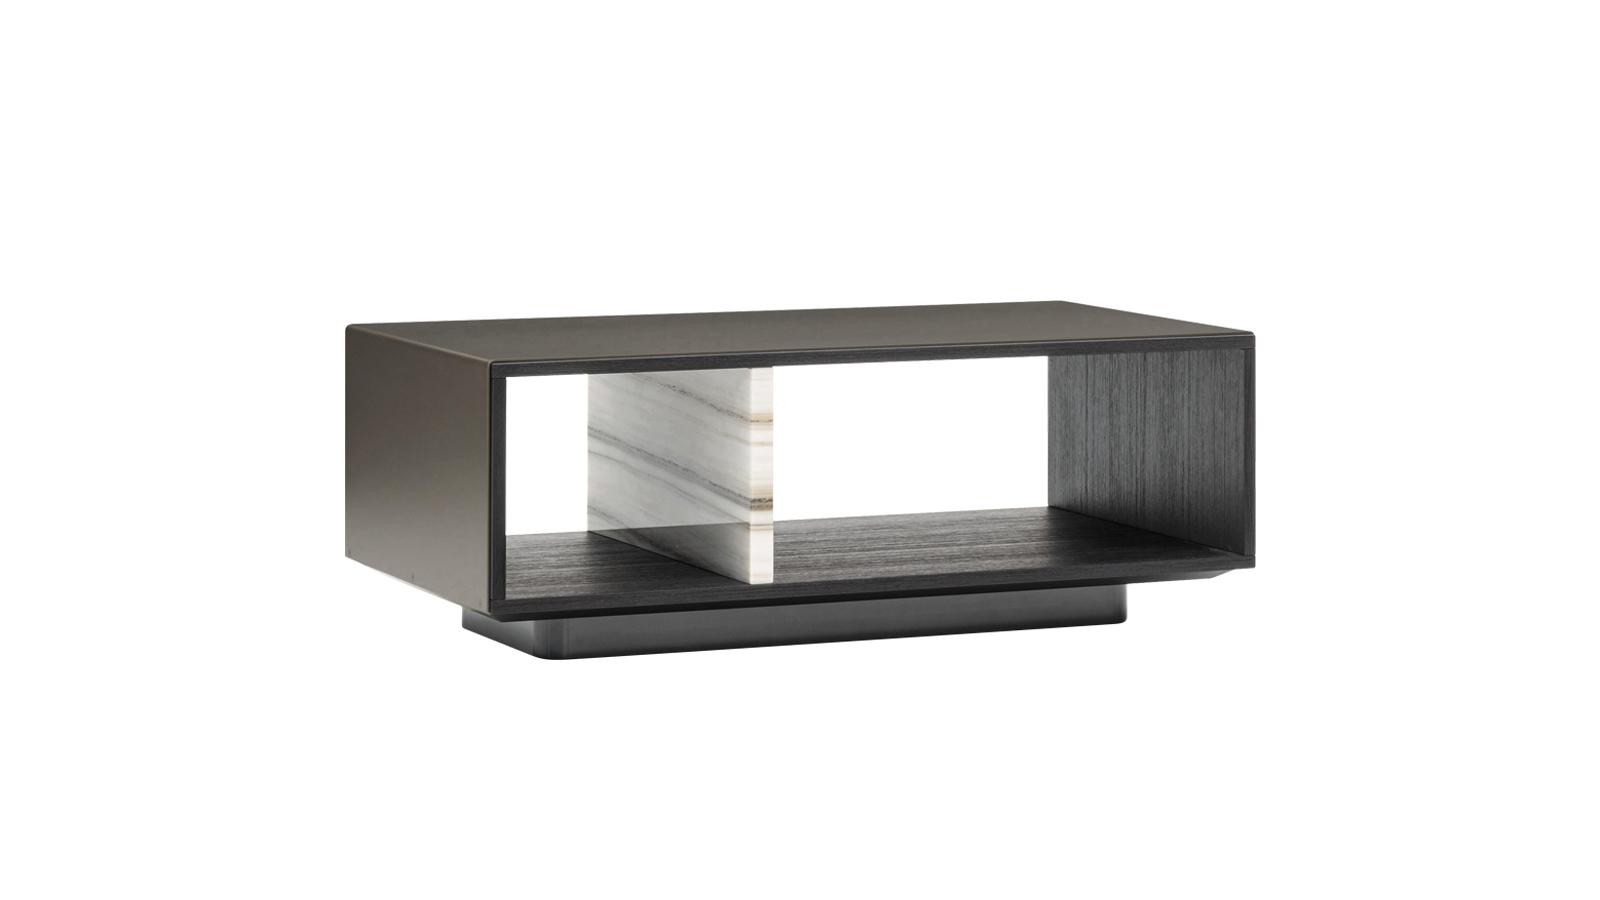 A Christophe Delcourt által a Minotti számára tervezett Amber lerakóasztal-sorozat a legkülönbözőbb méretű és formájú darabokból áll: ívelt elemeinek köszönhetően akár egy tetszőleges hosszúságú, kígyózó, tekergő, dominószerűen továbbépíthető lerakórendszert is összeállíthatunk belőle, mely például jó szolgálatot tehet nagyobb terekben. Négyzetes elemei – a képen látható és a hozzá hasonló lerakóasztalok – a minimalizmus szép példái, melyek esetében az anyagkombinációk és az arányok tökéletes eleganciája szemet gyönyörködtető részletekkel párosul.